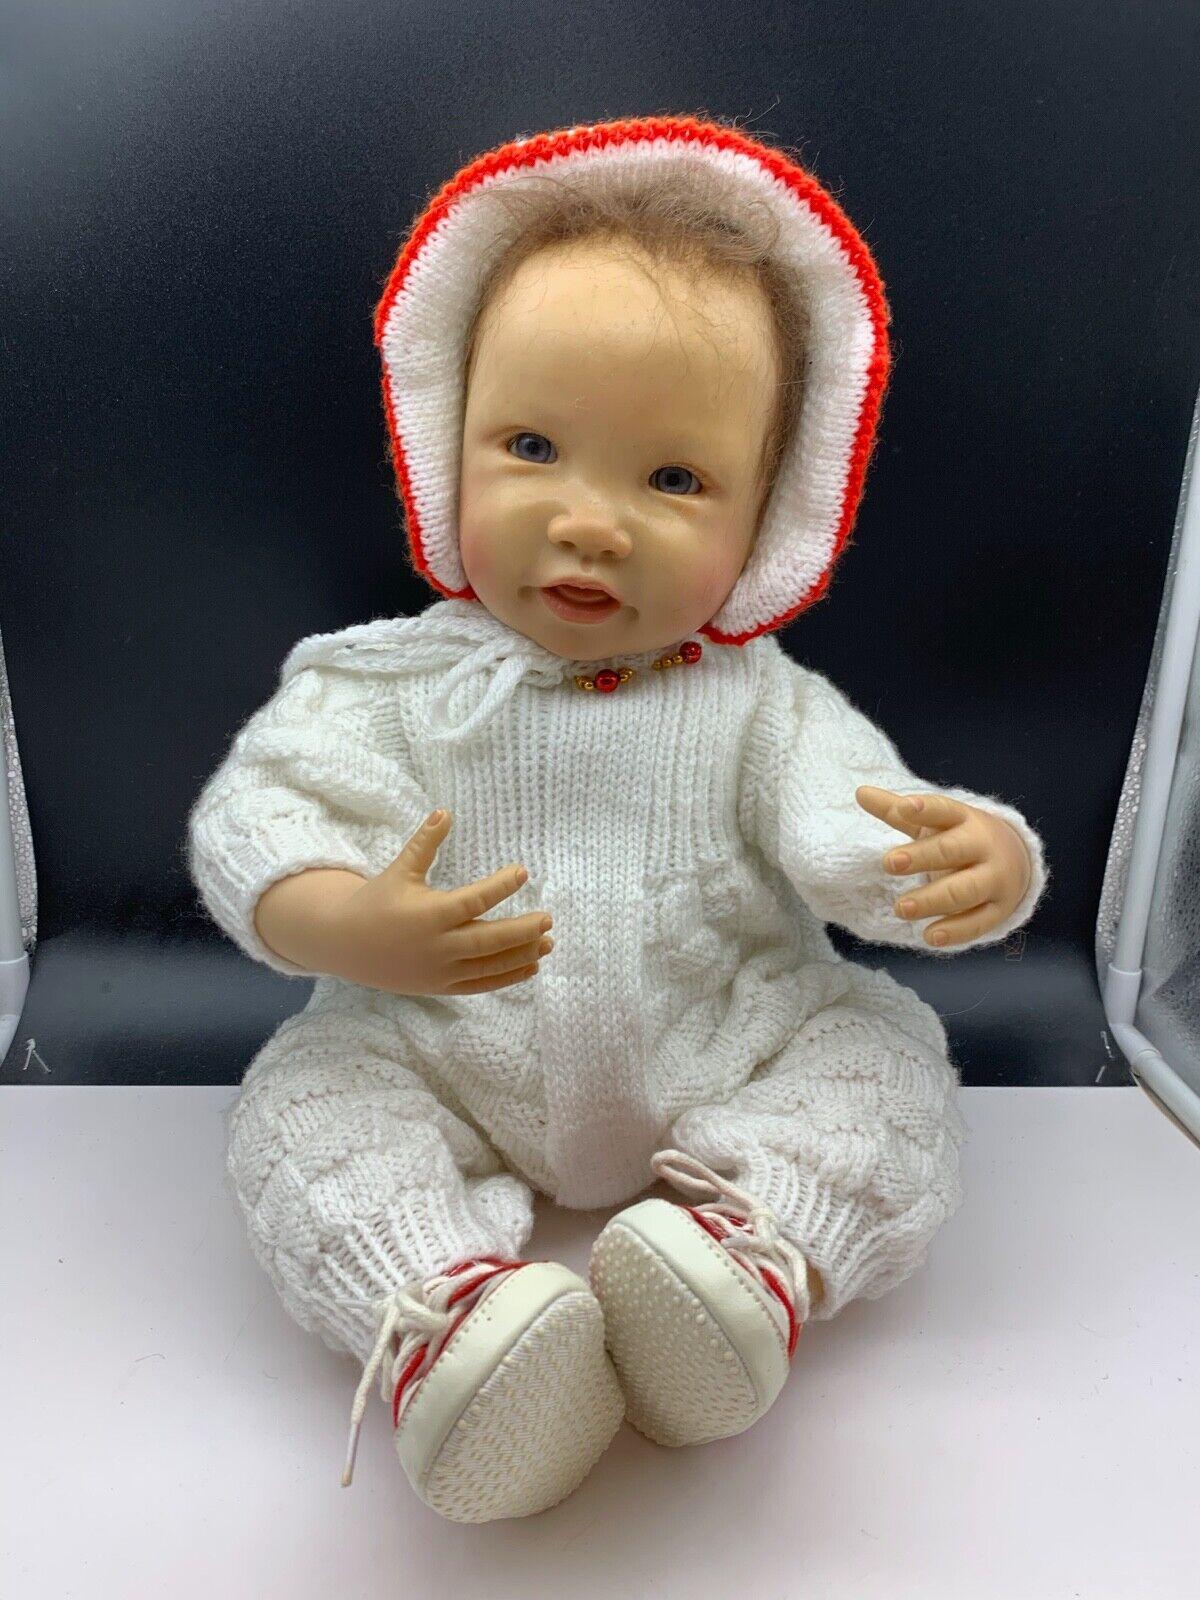 Waltraud hanl ARTISTICO Doll Bambola in vinile 55 cm. POT condizione